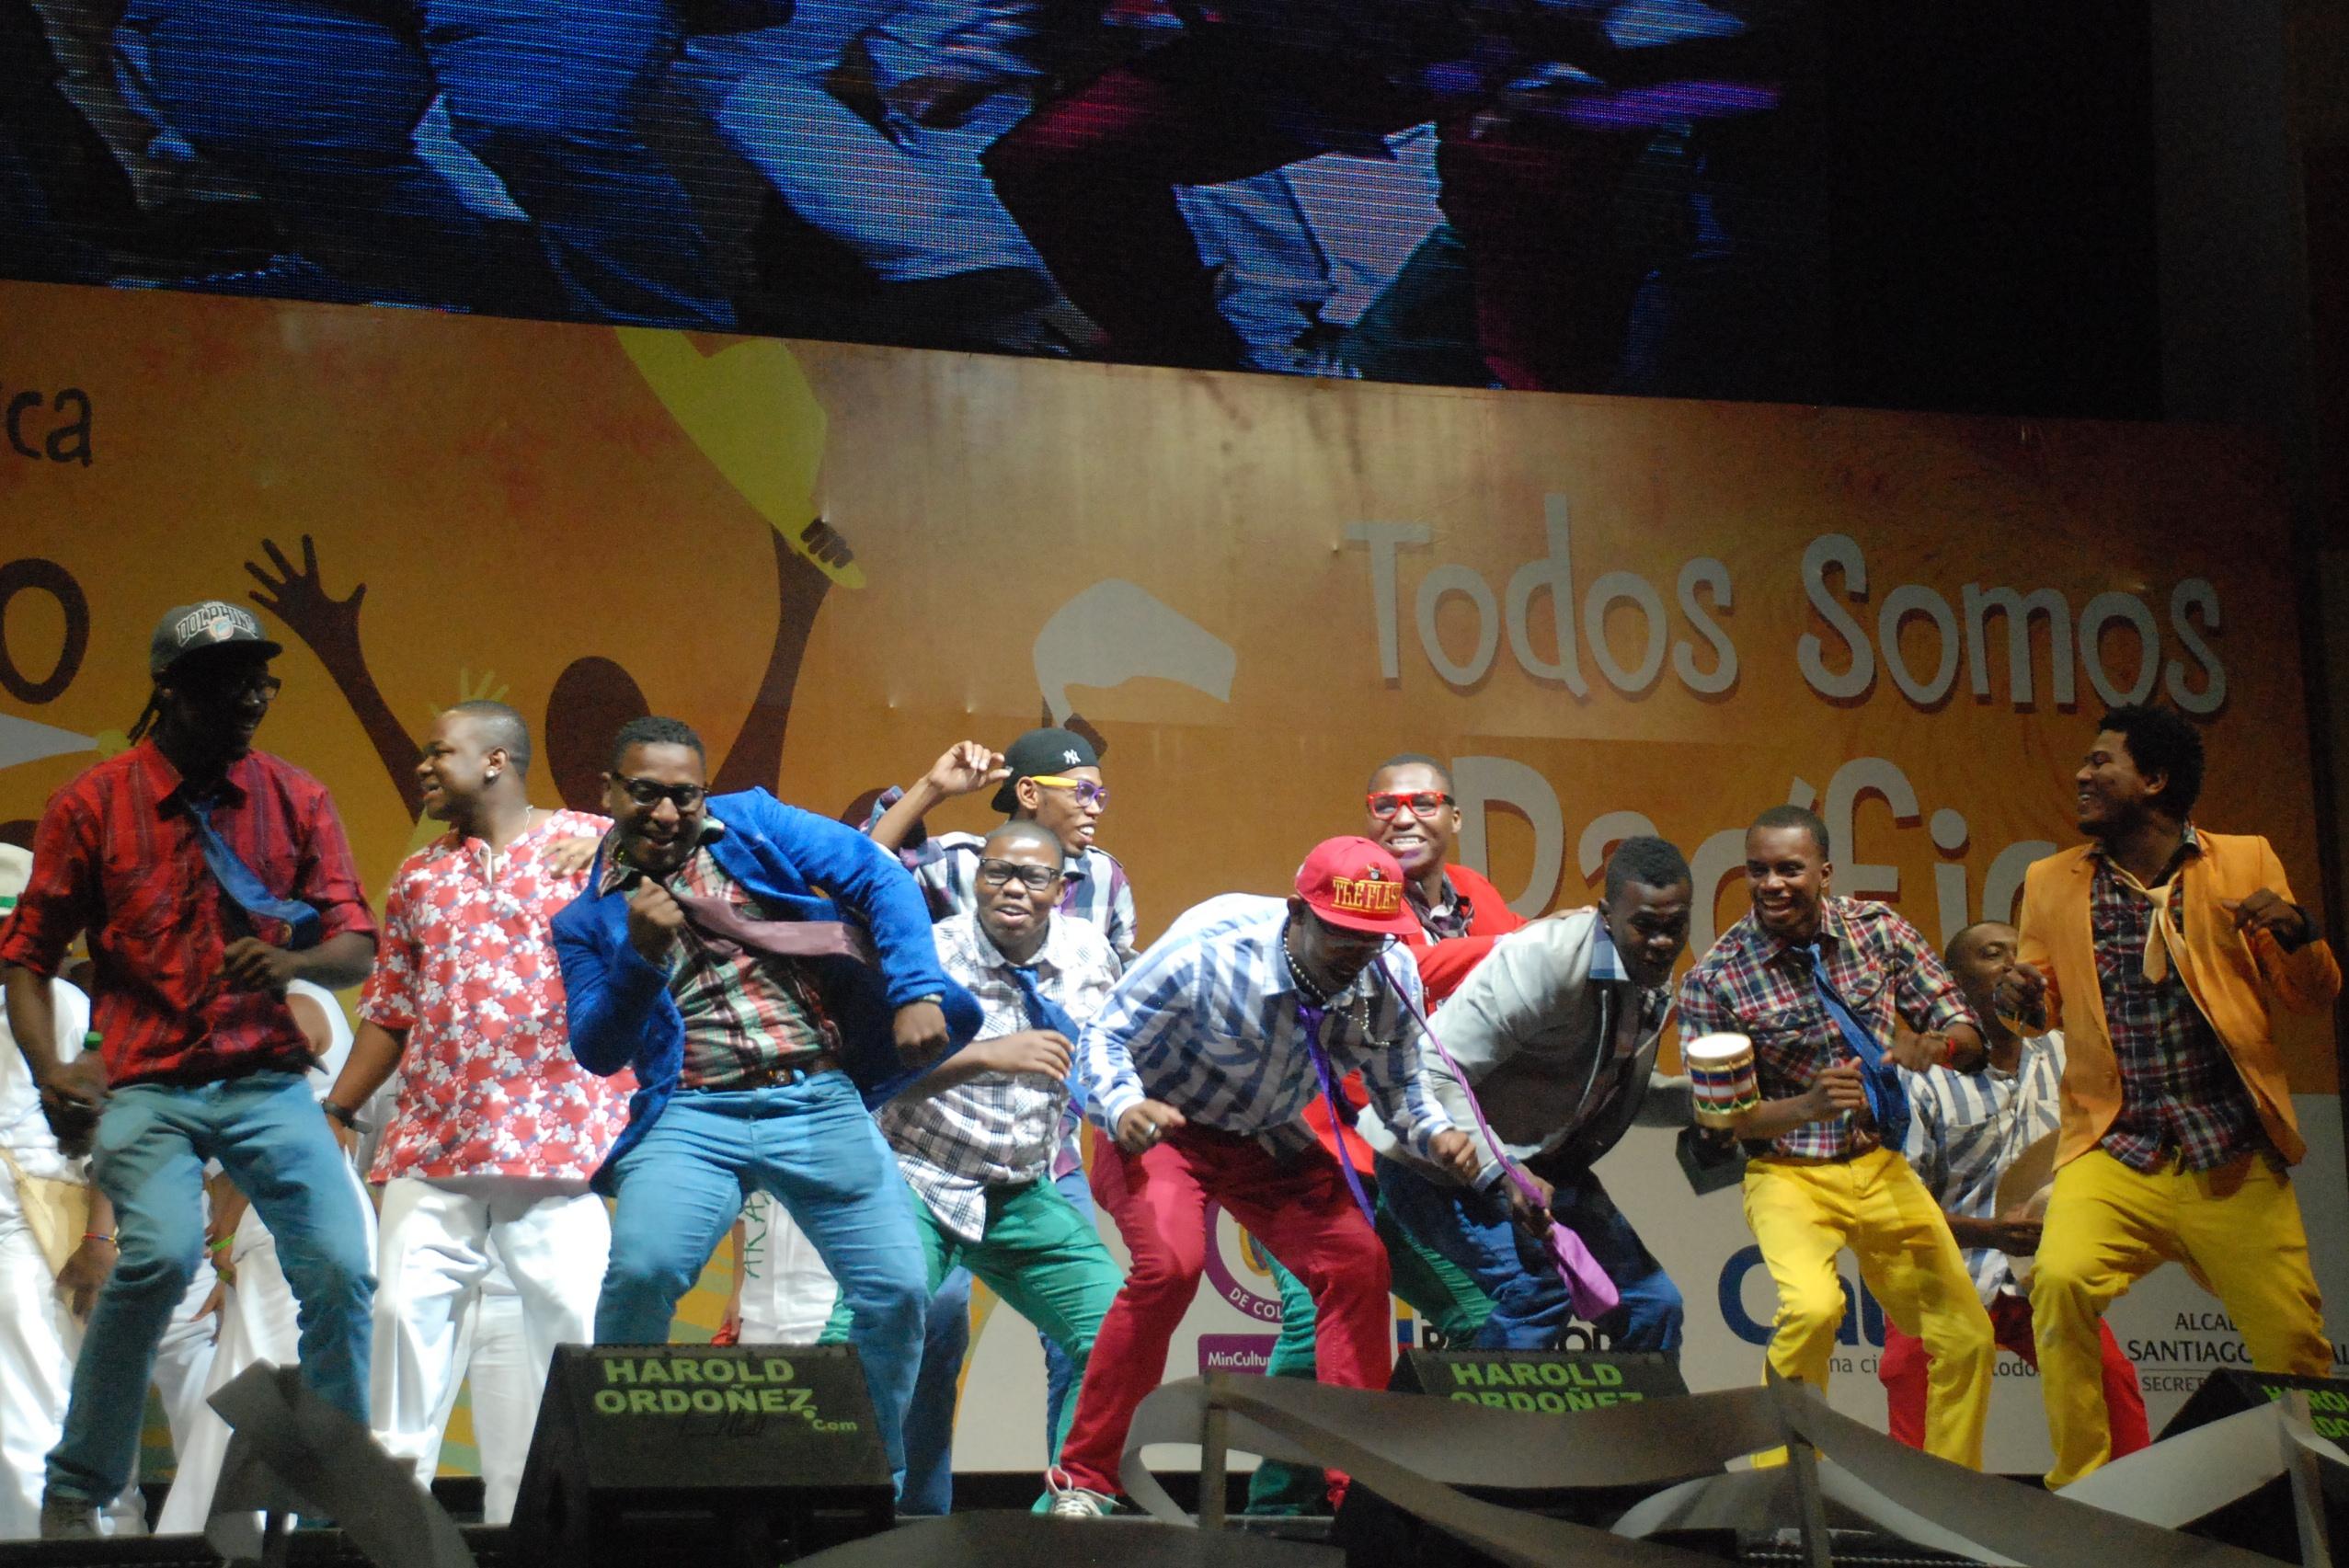 Petronio: Culminó el festival con las cuatro mejores agrupaciones